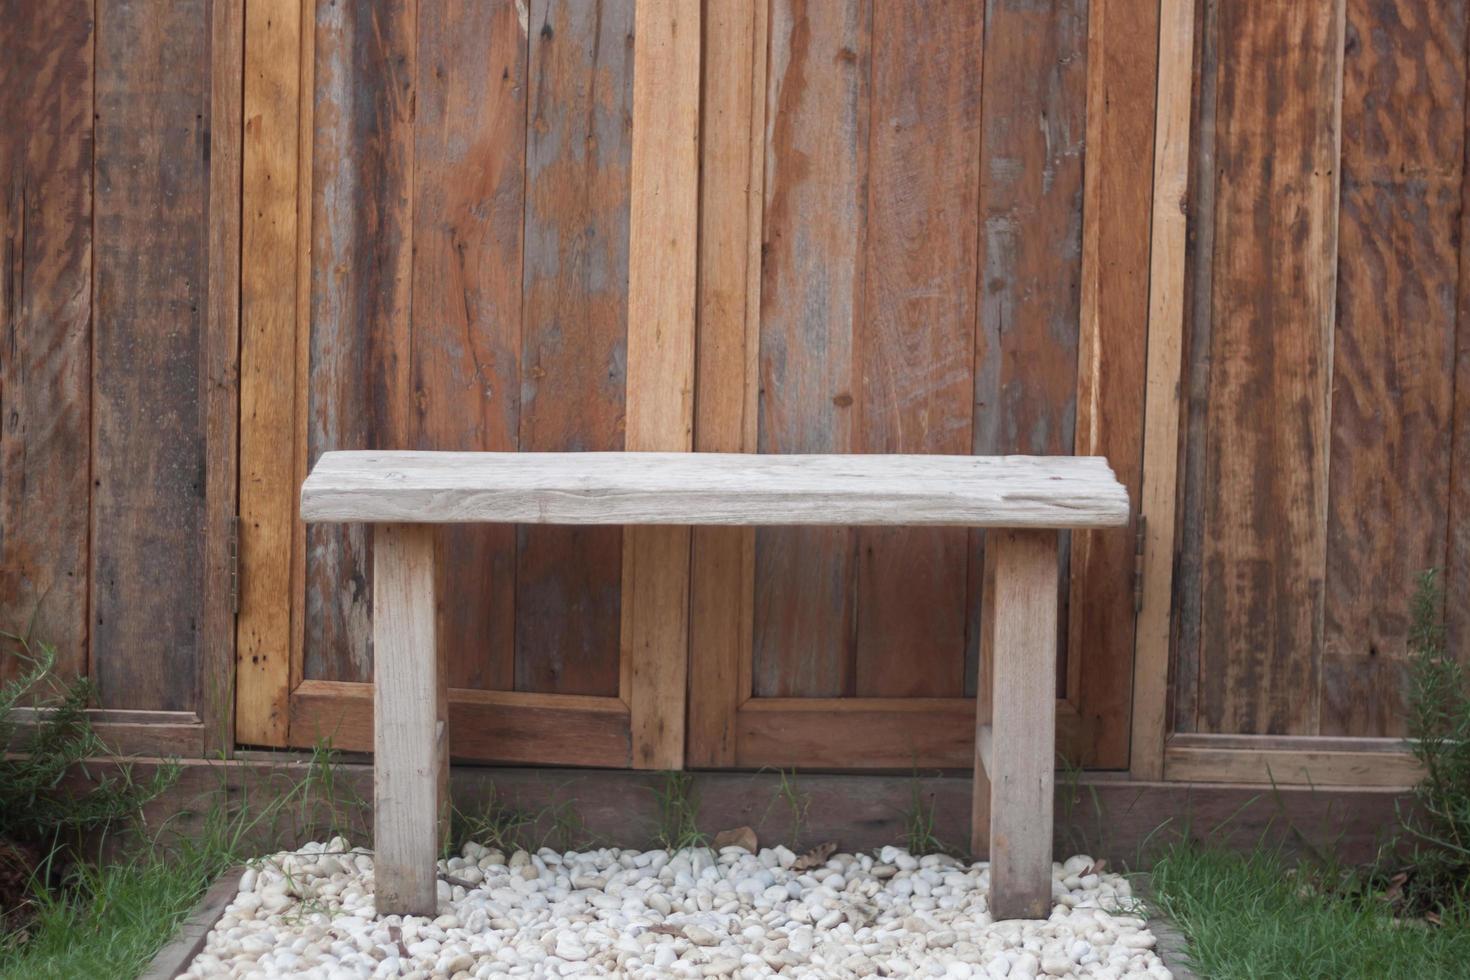 banc en bois sur gravier blanc photo